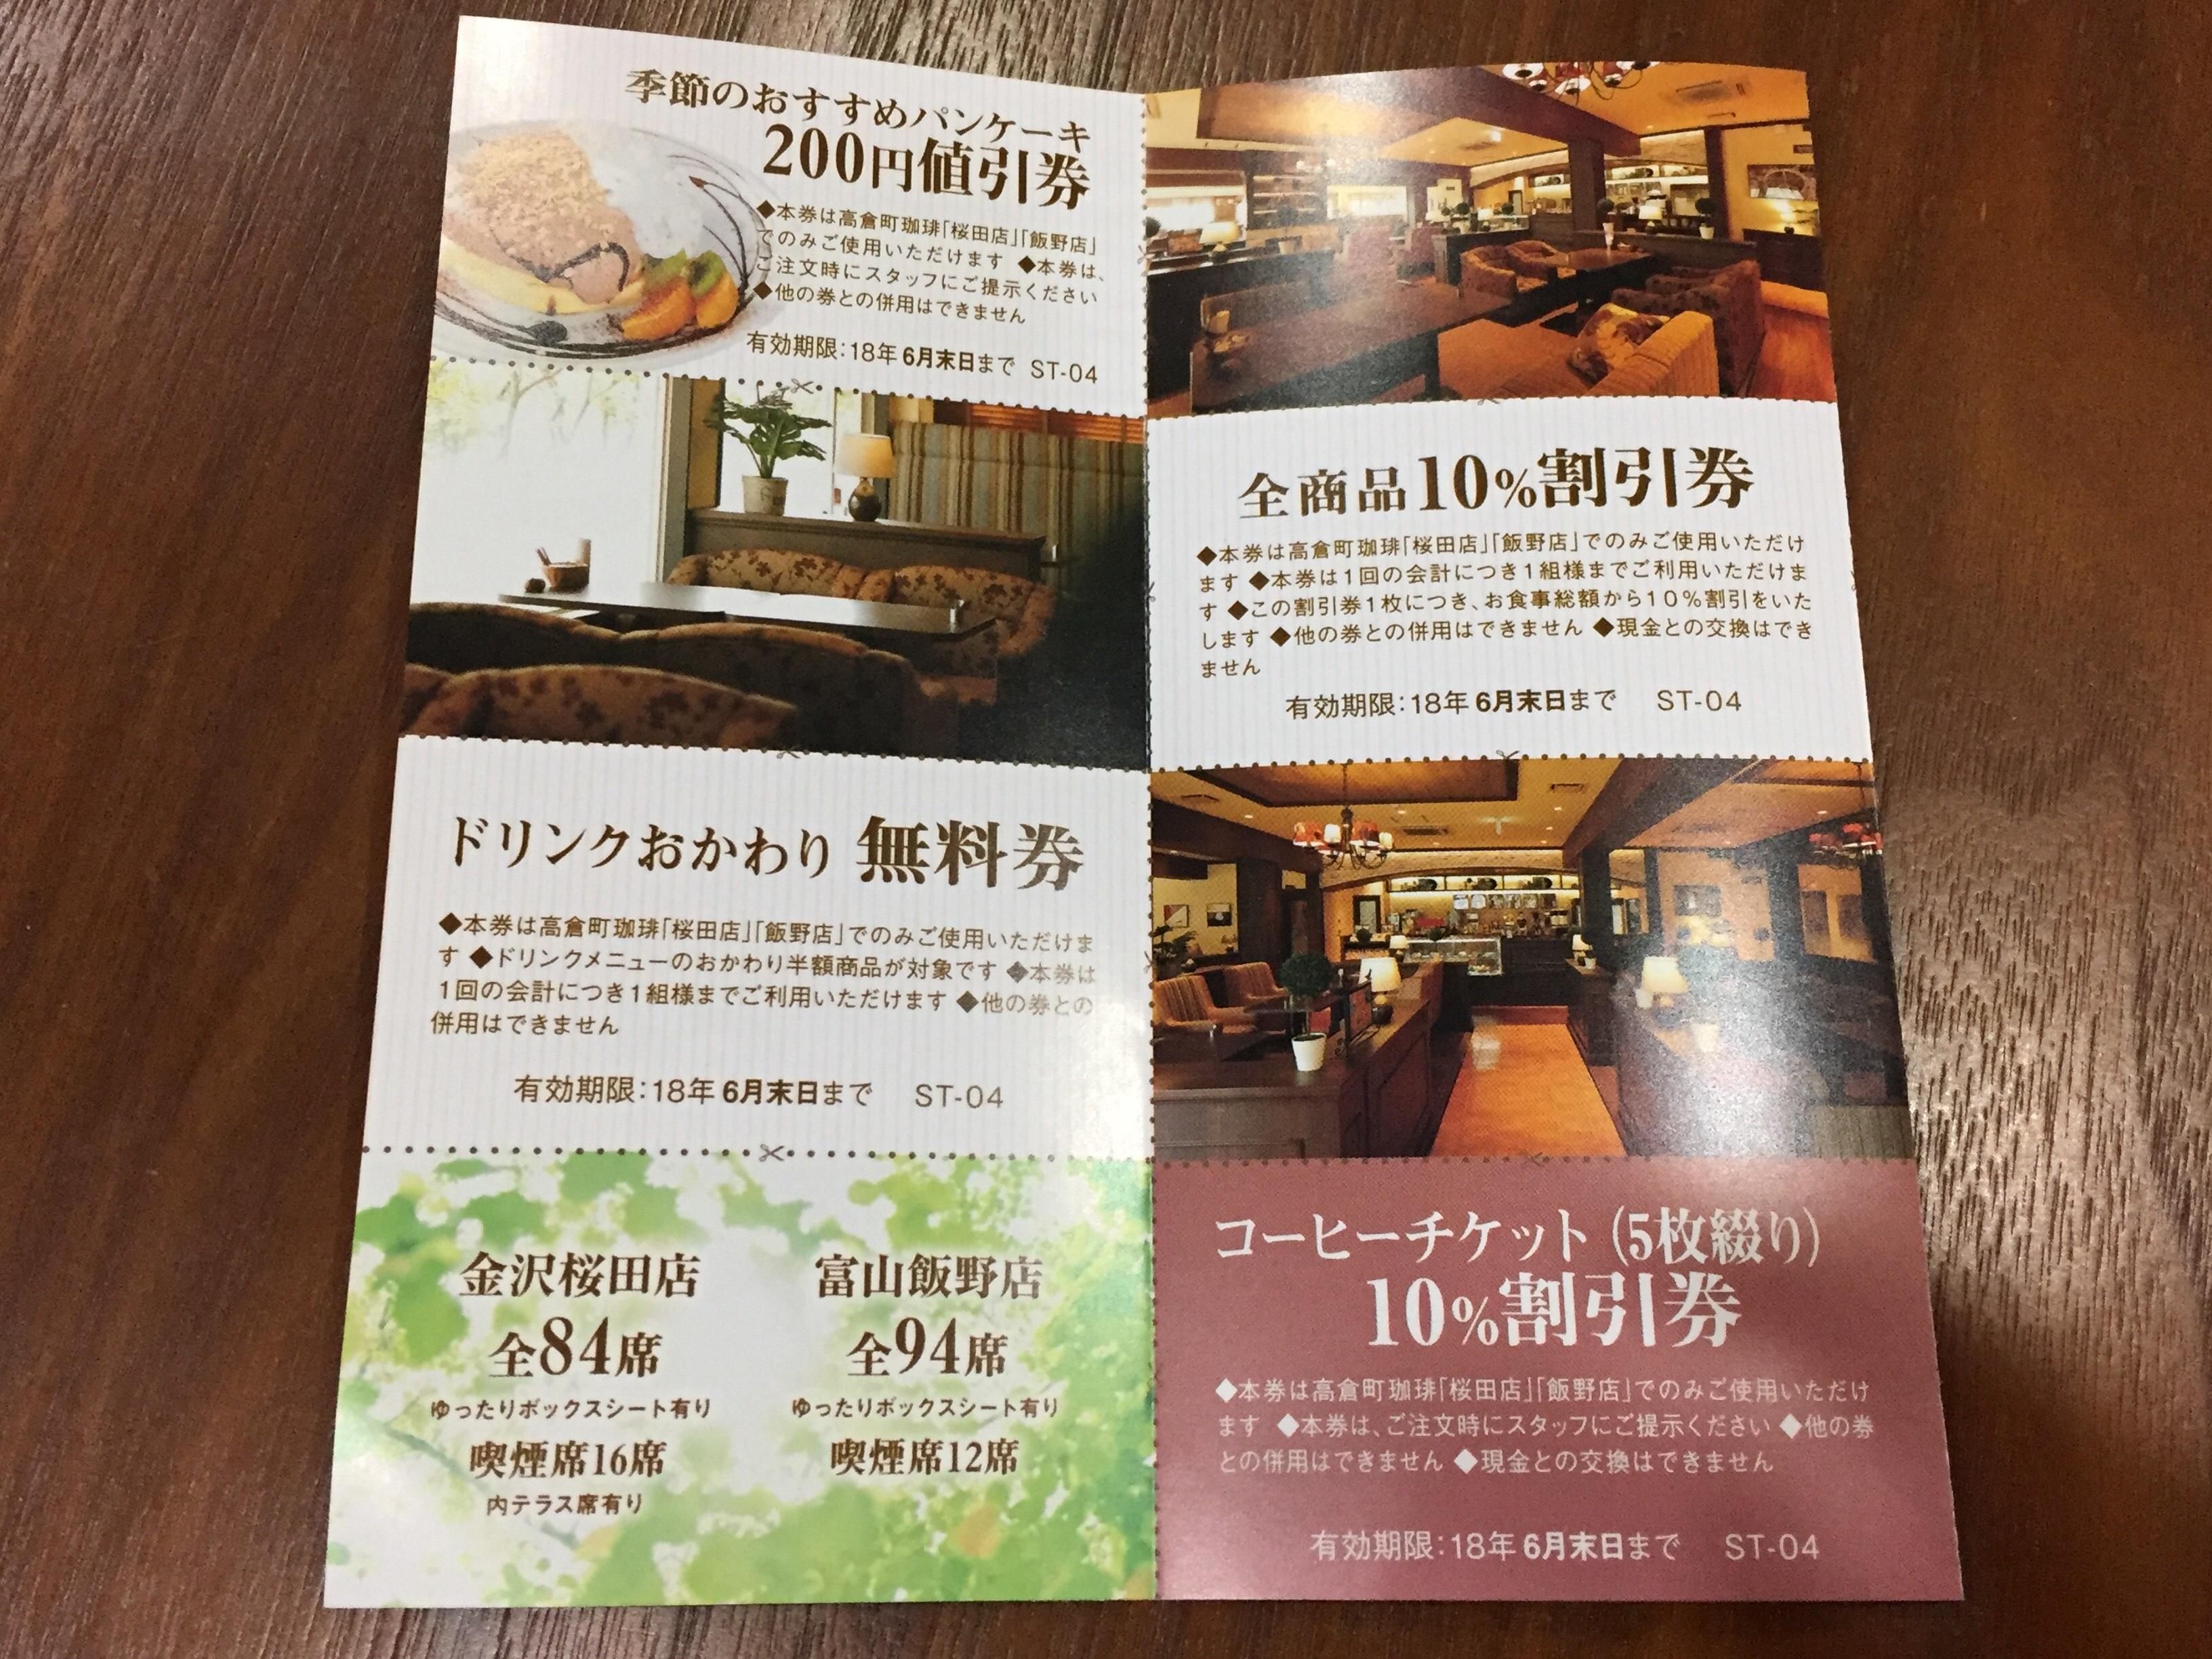 高倉町珈琲 金沢桜田店 クーポン